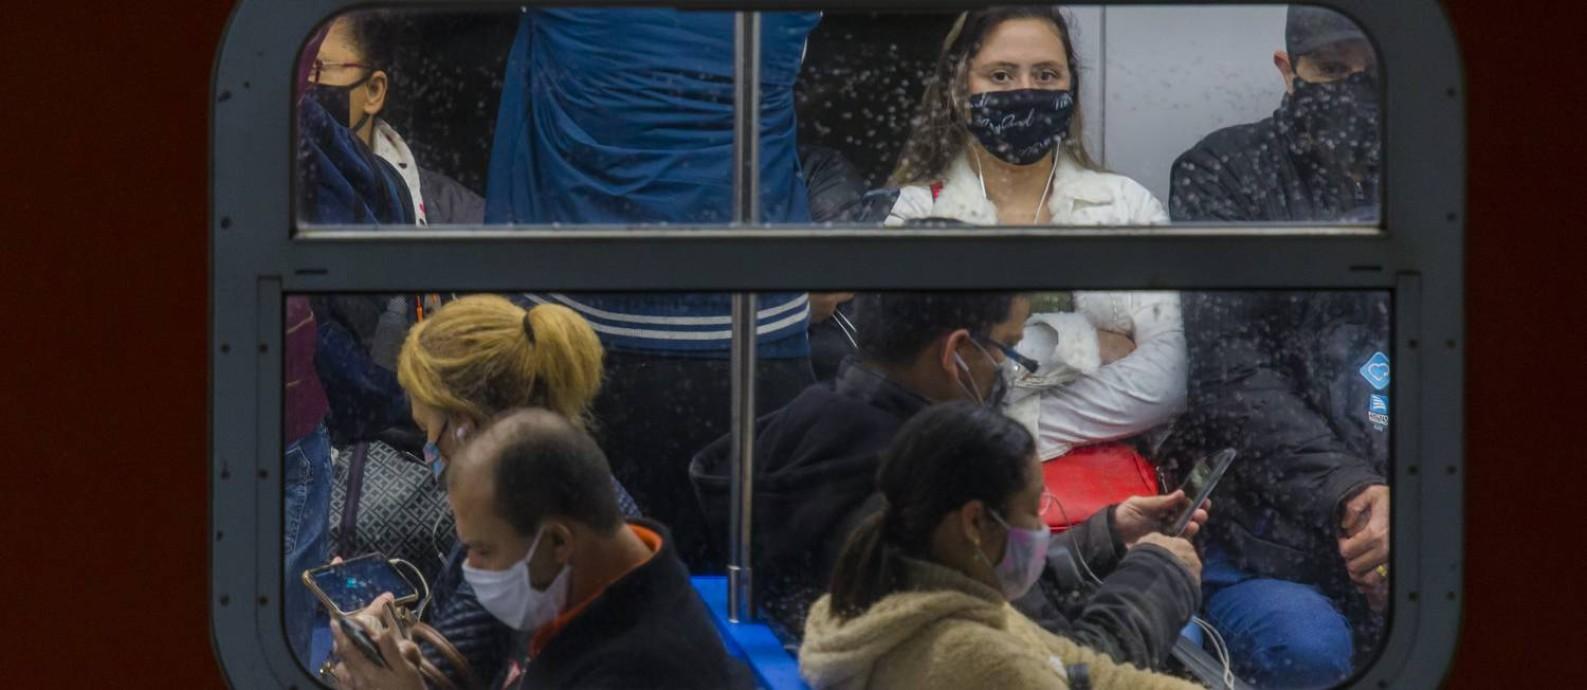 Cientistas dizem que Rio, Manaus e São Paulo têm indícios de que alcançaram limiar de casos, mas risco de Covid-19 permanece alto Foto: Edilson Dantas / Agência O Globo